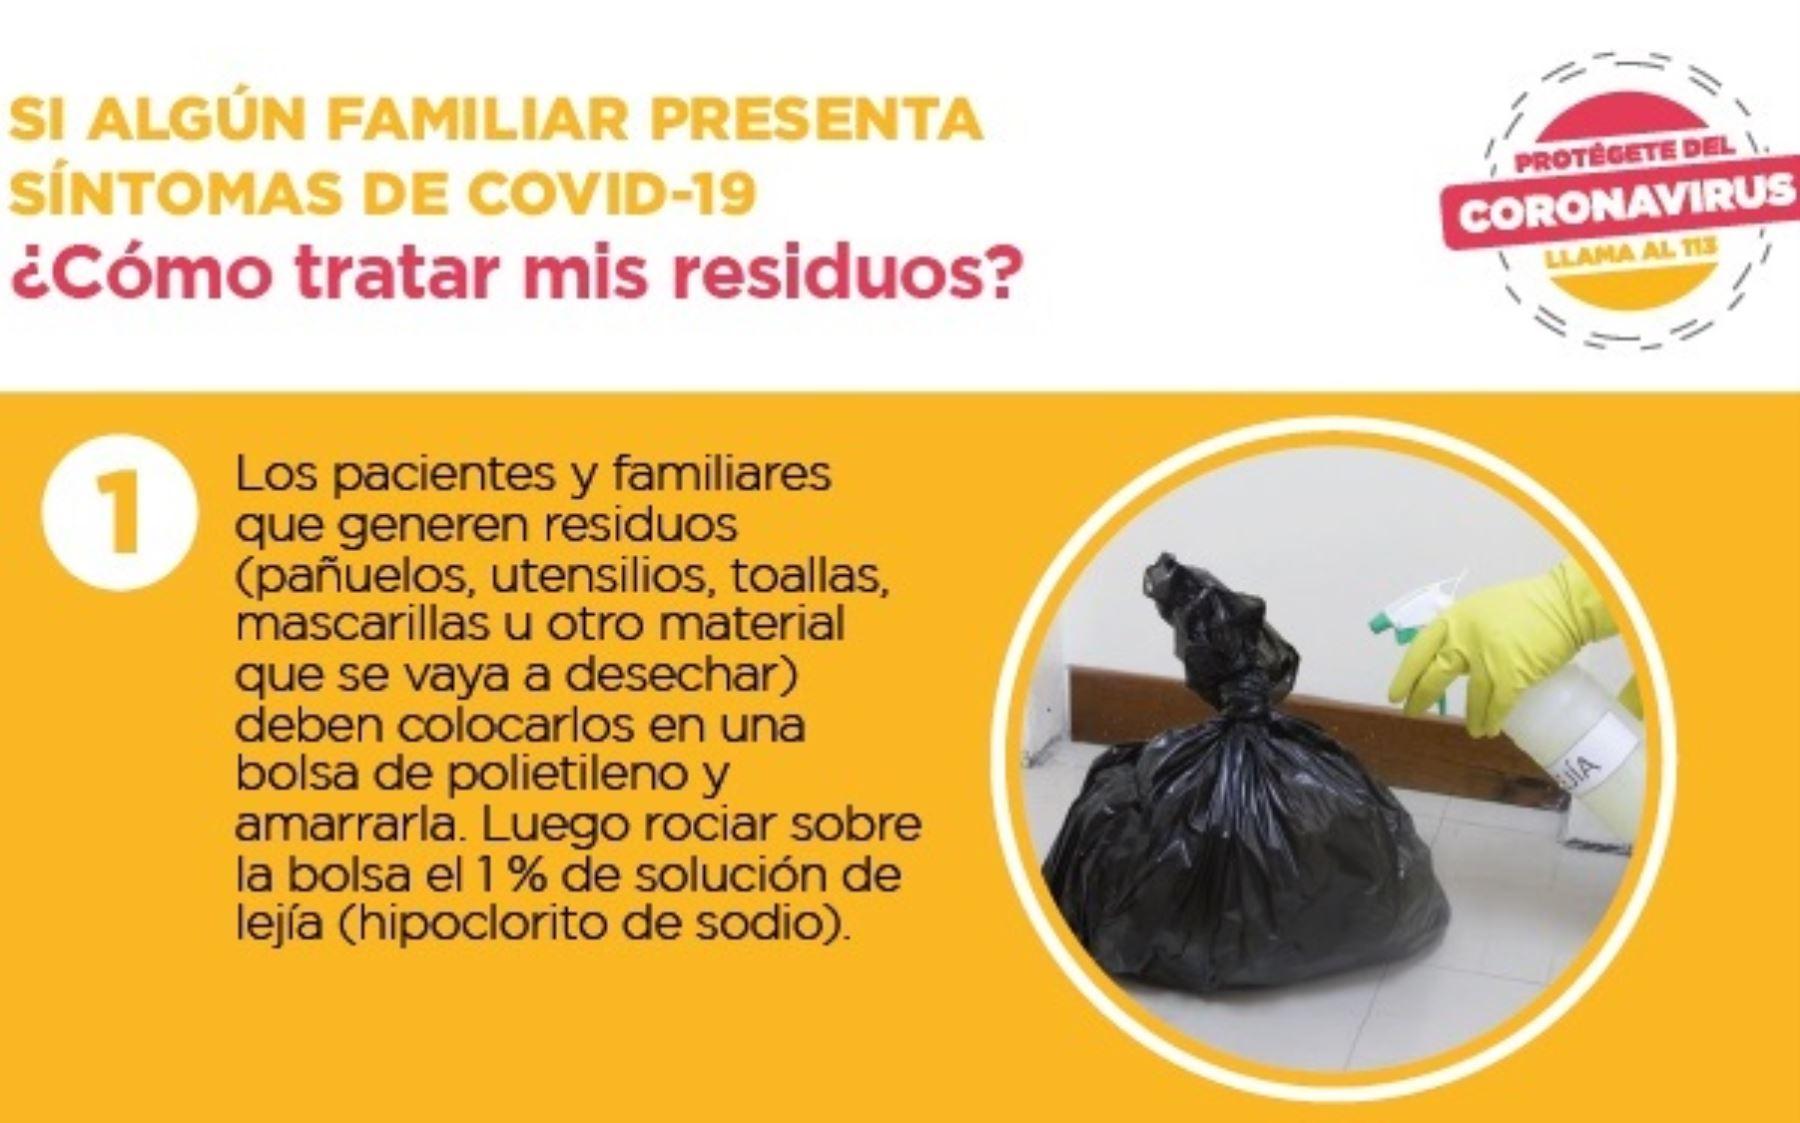 El Ministerio del Ambiente (Minam) presenta el protocolo que se debe seguir para tratar los residuos sólidos si algún familiar presenta síntomas de coronavirus (Covid-19). ANDINA/Difusión